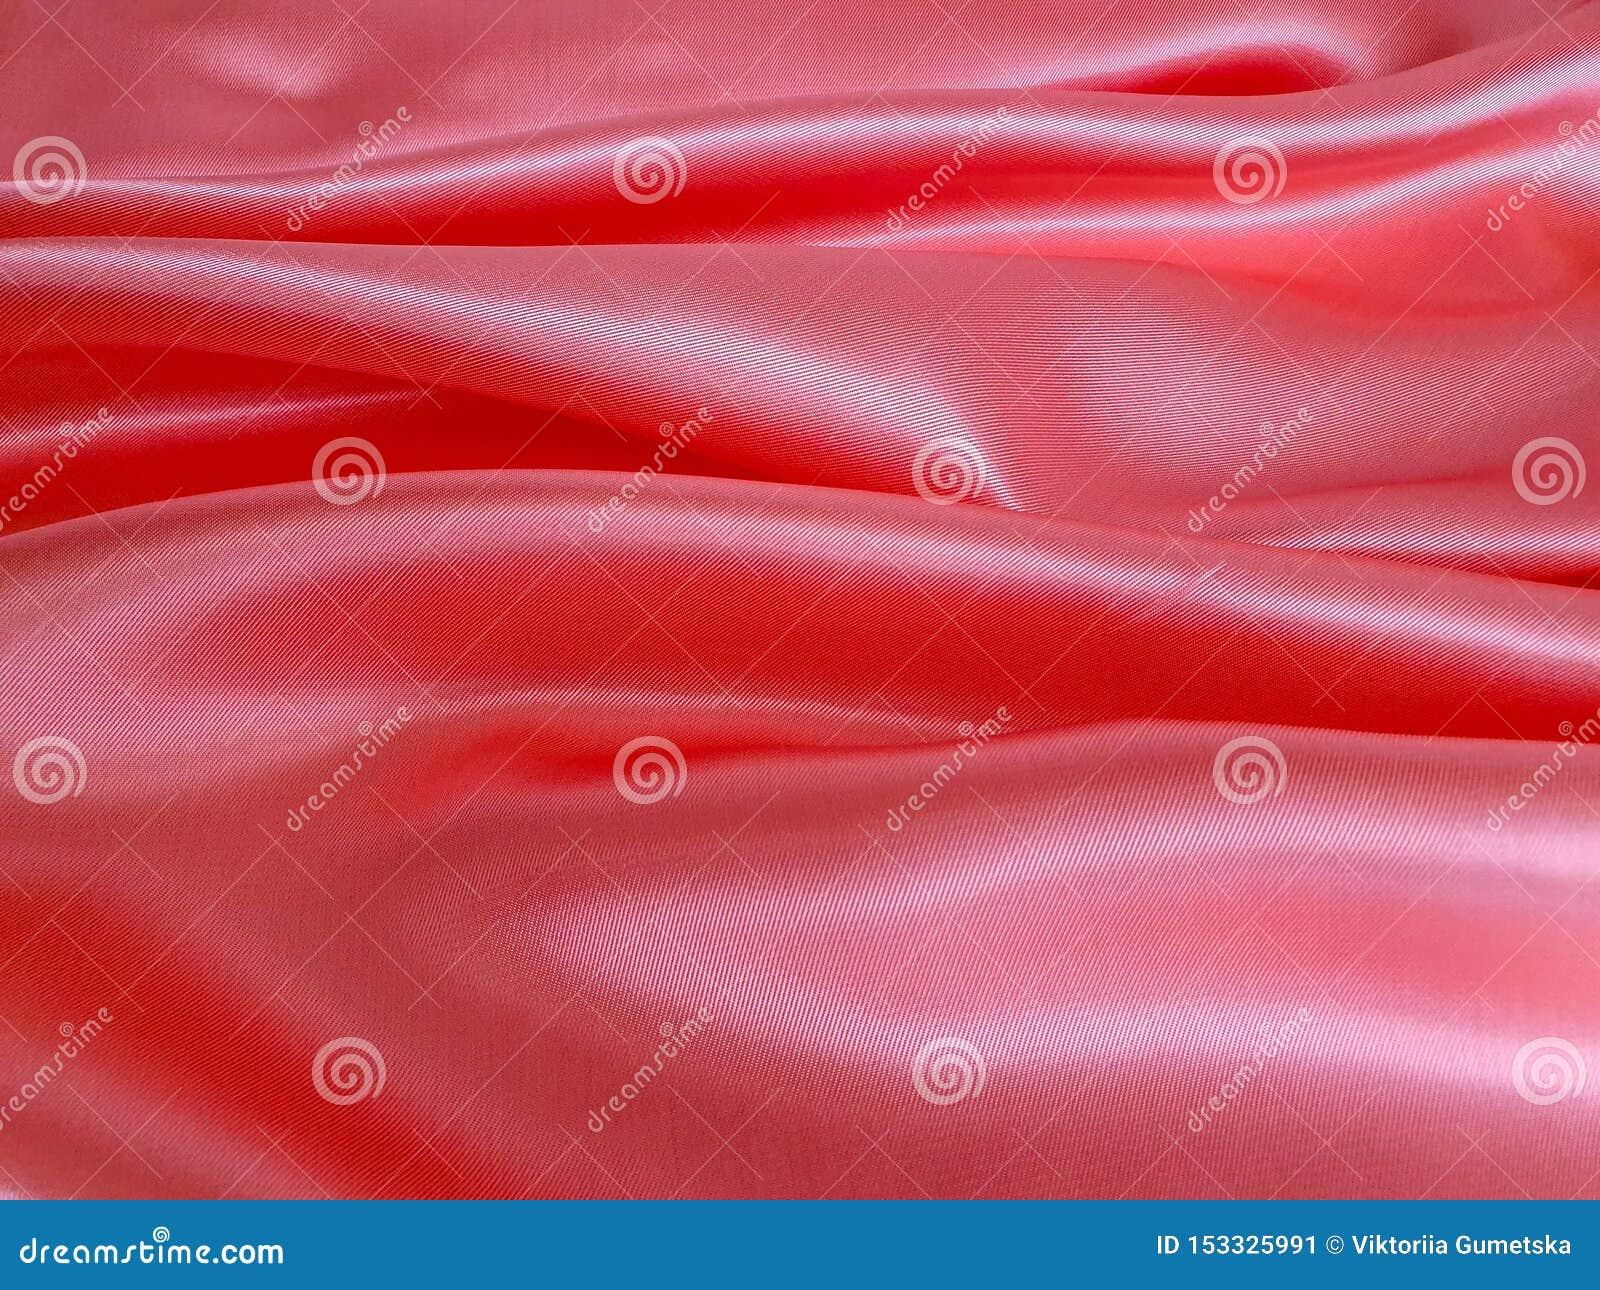 Картина, текстура, предпосылка, обои Мягкий свет - ткань сатинировки цвета пинка и персика, с лоснистой и сияющей поверхностью, р